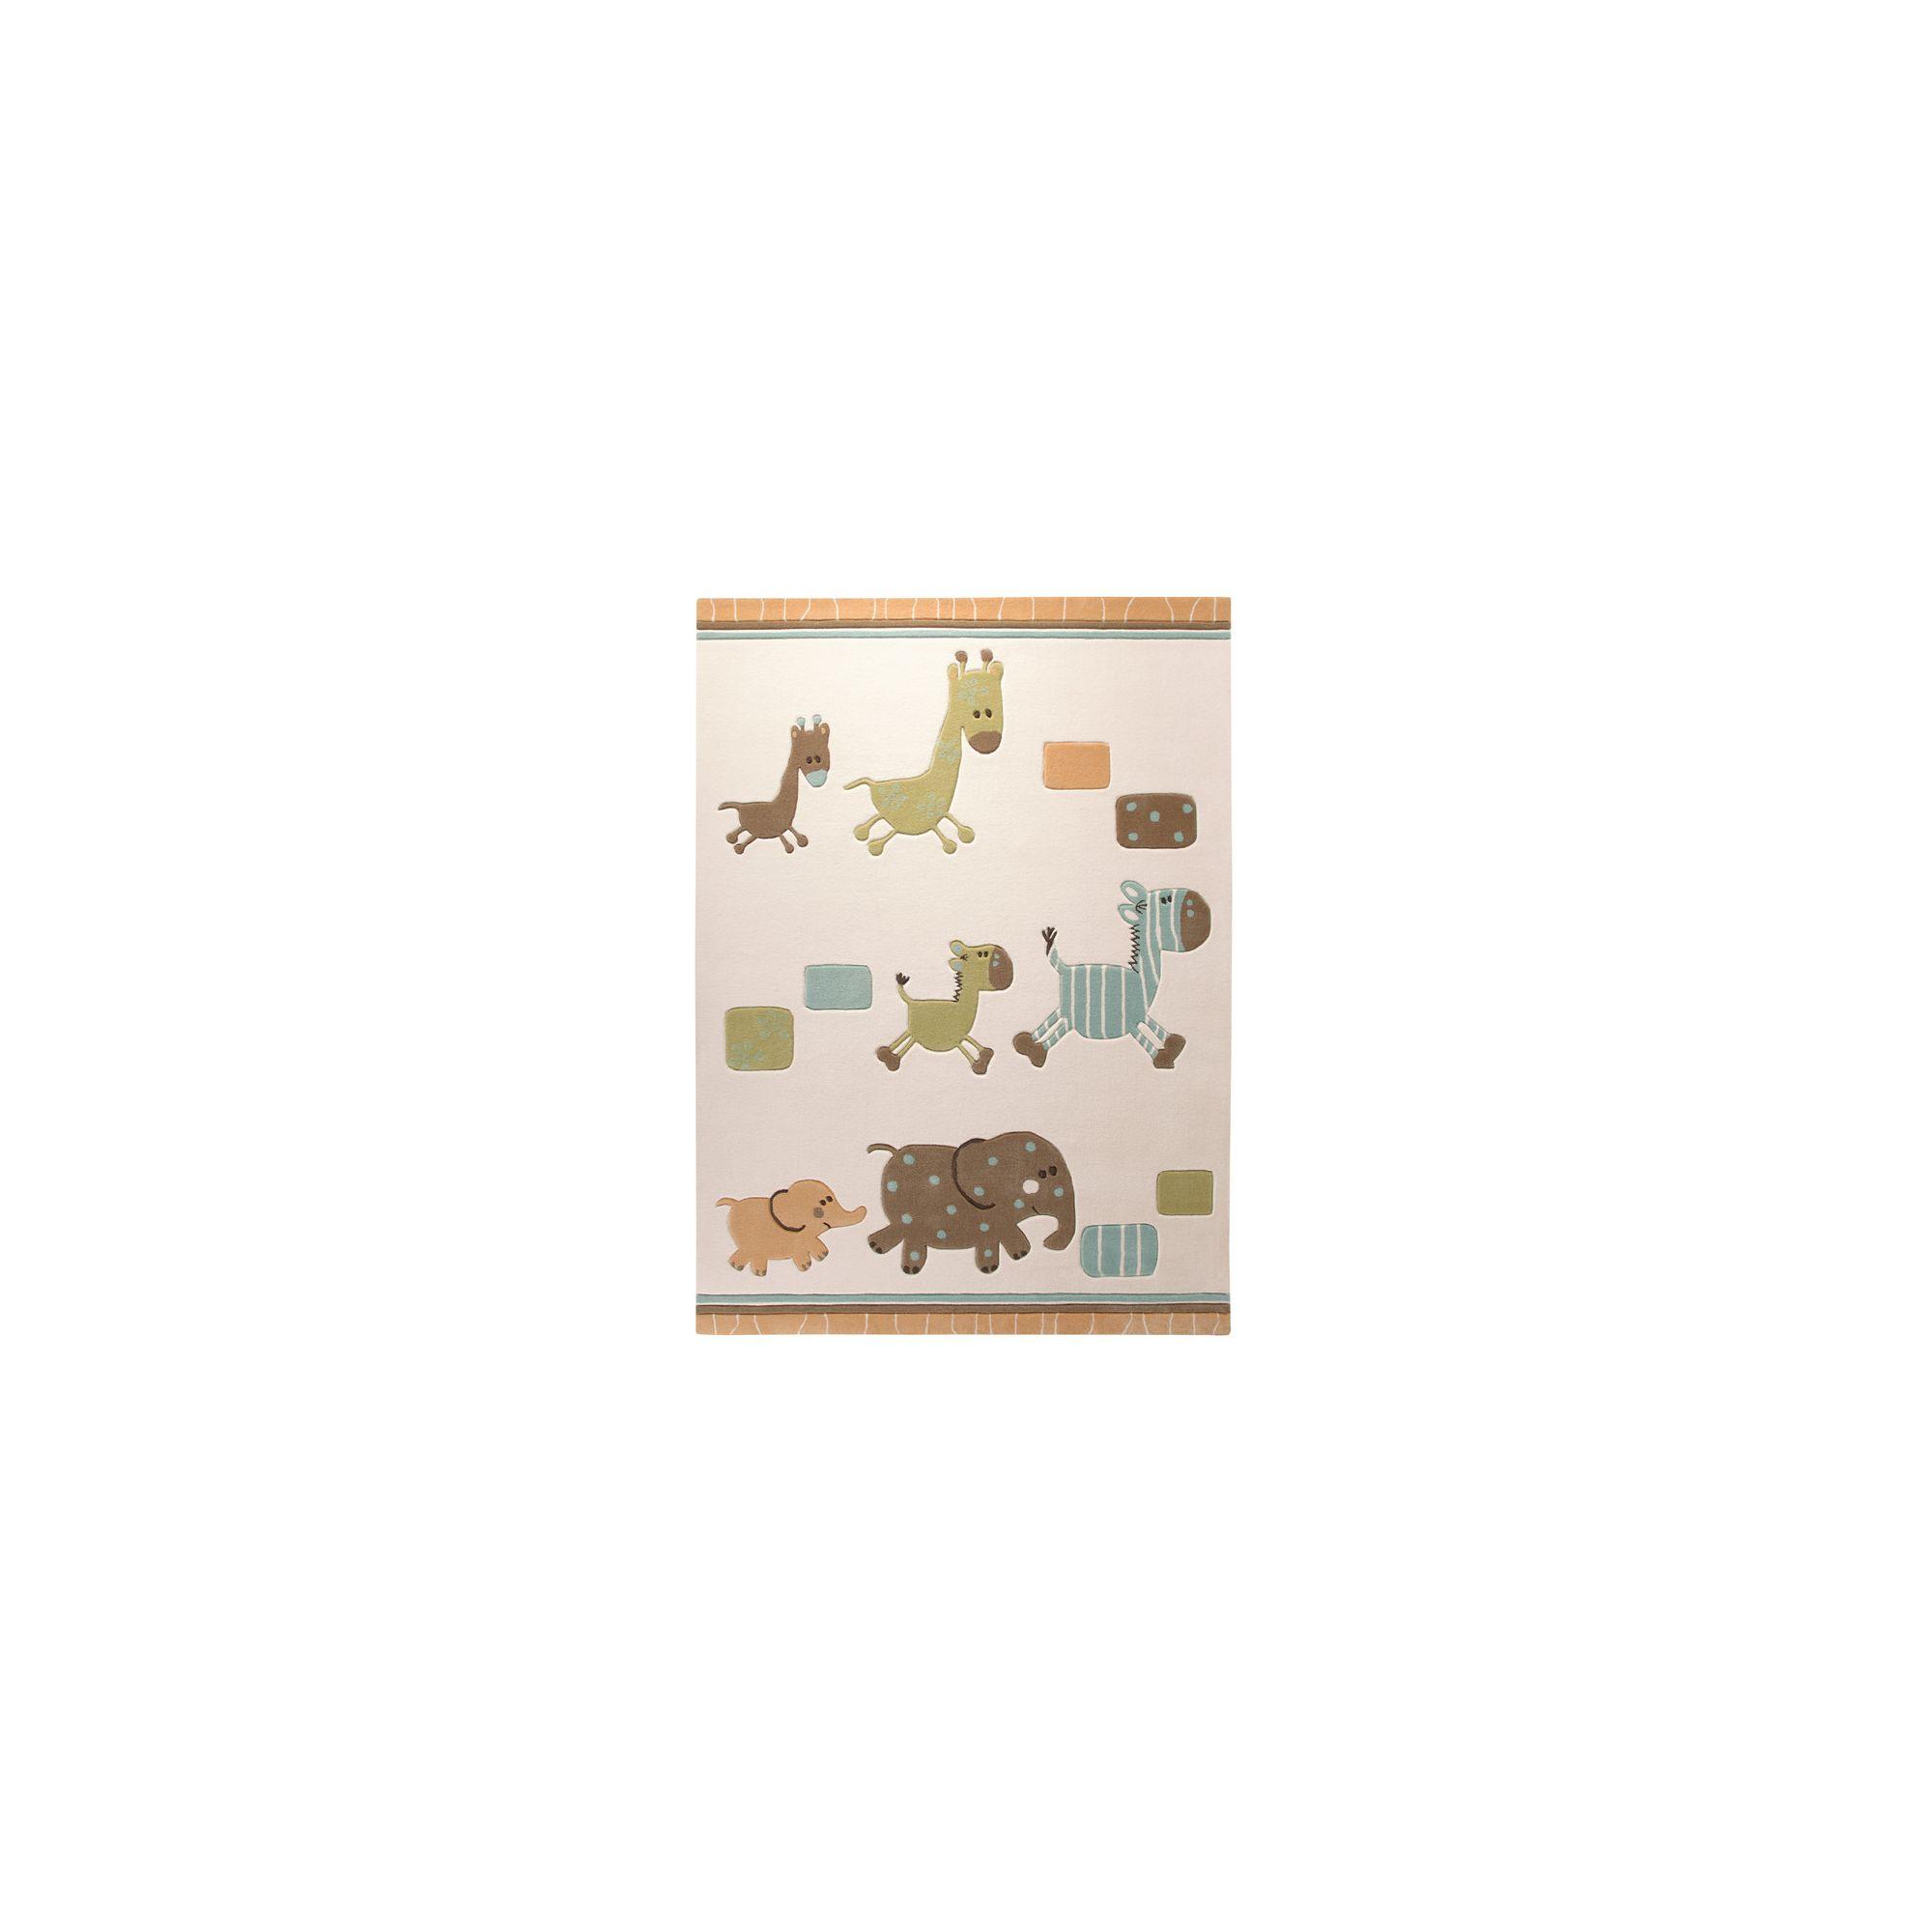 Esprit Lucky Zoo Beige Kids Rug - 90cm x 160cm